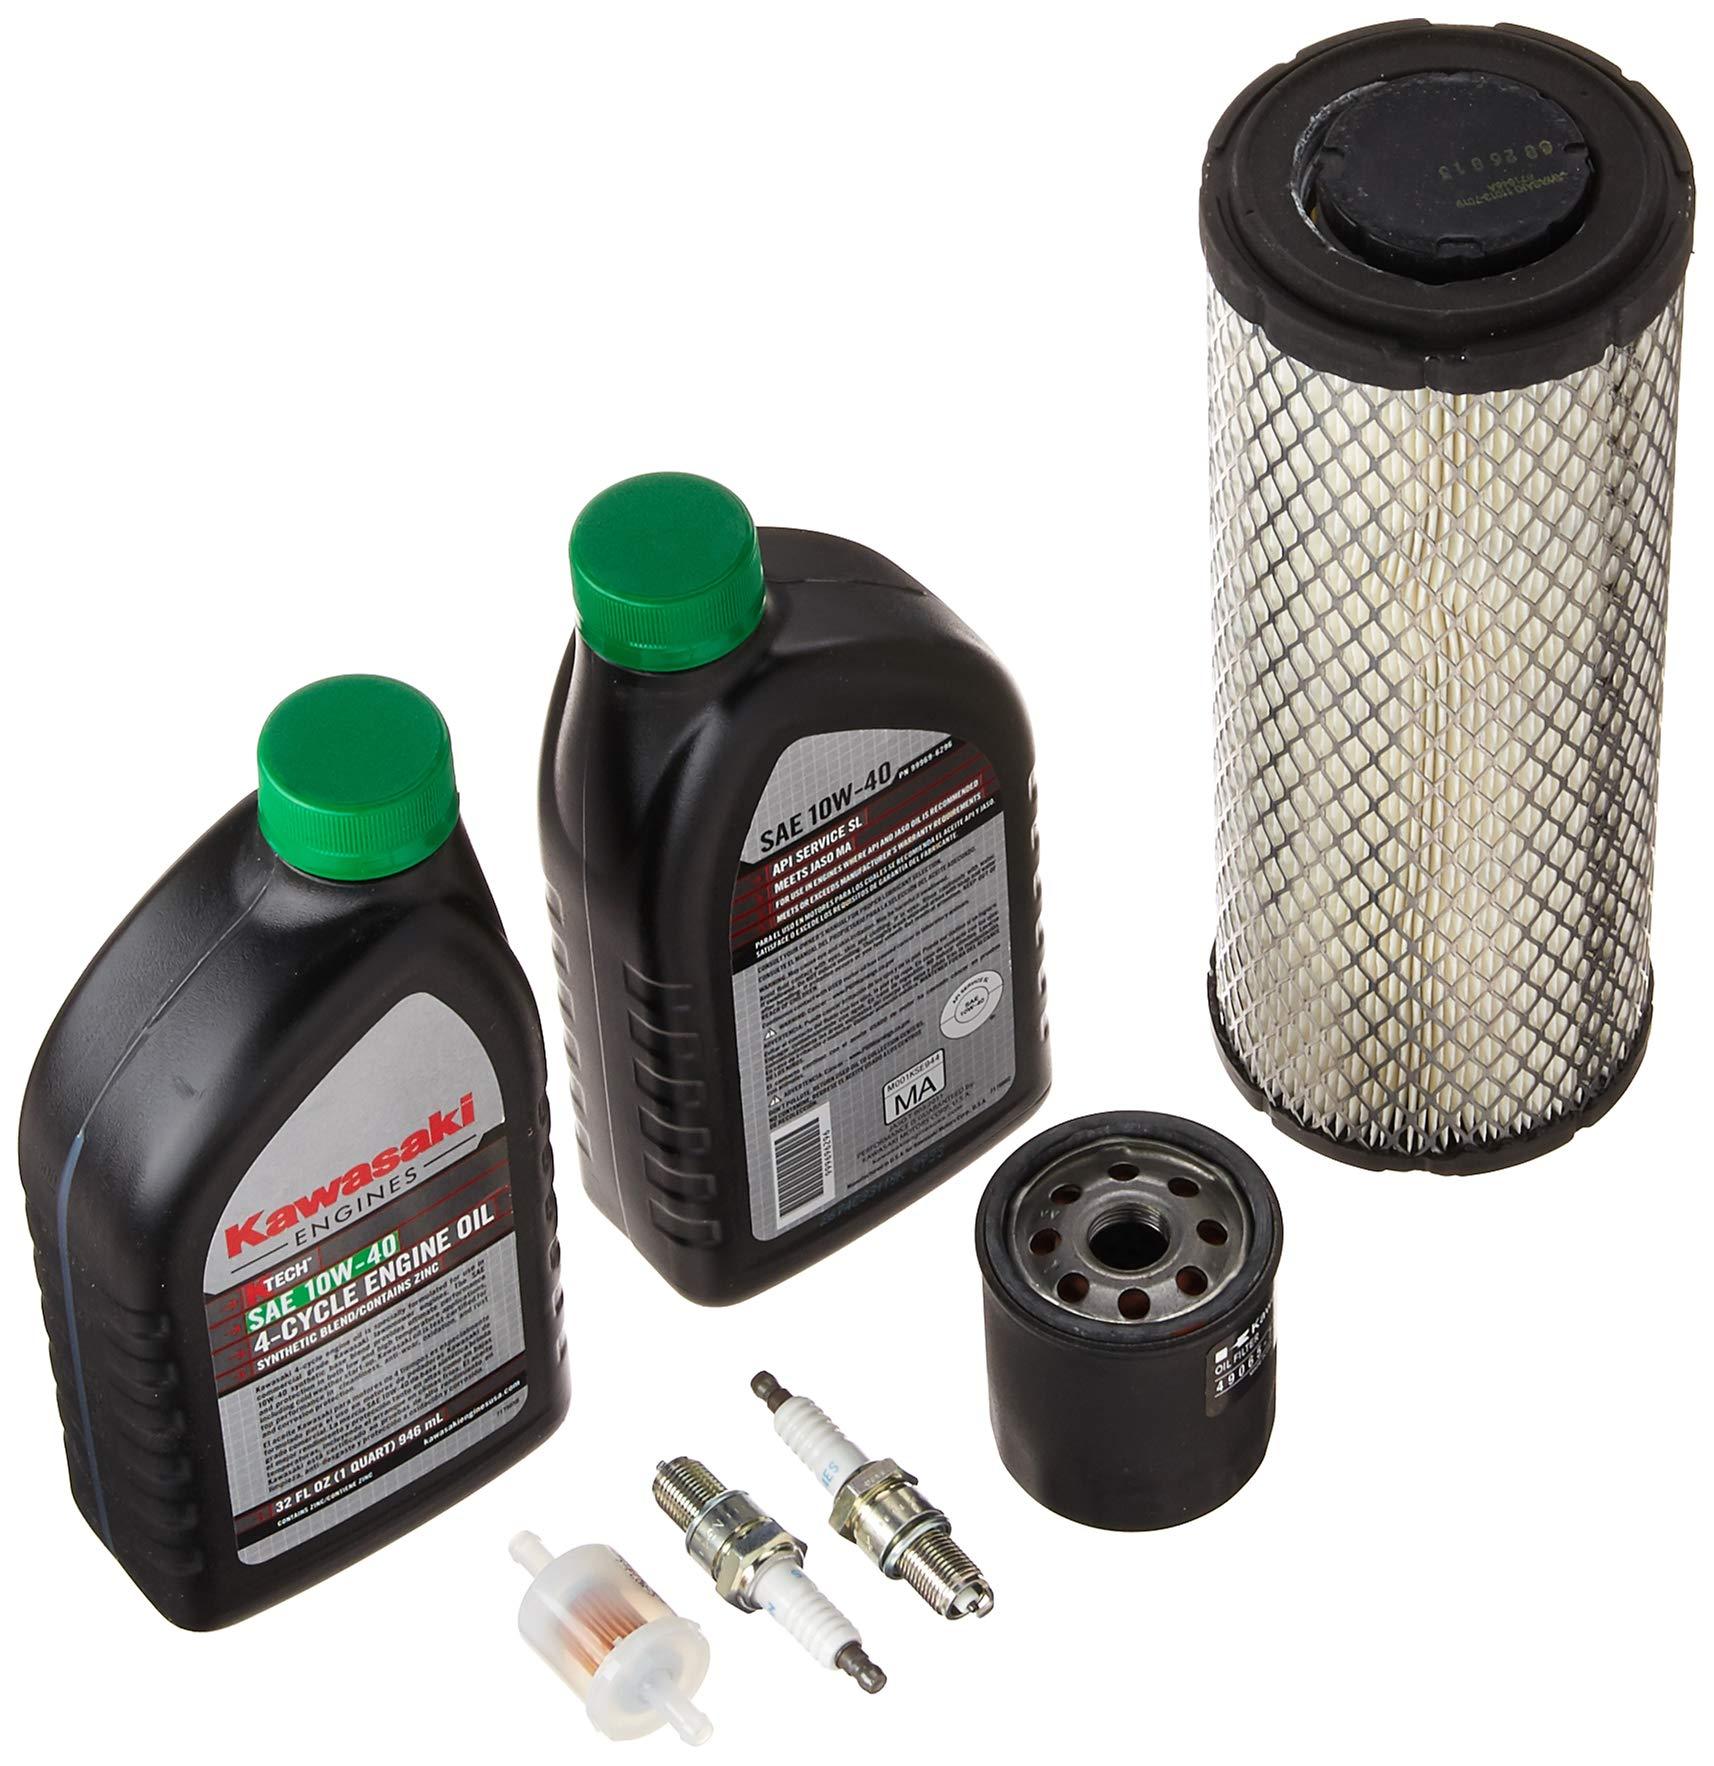 Kawasaki 99969-6413 Power Tune-up kit, Black by Kawasaki